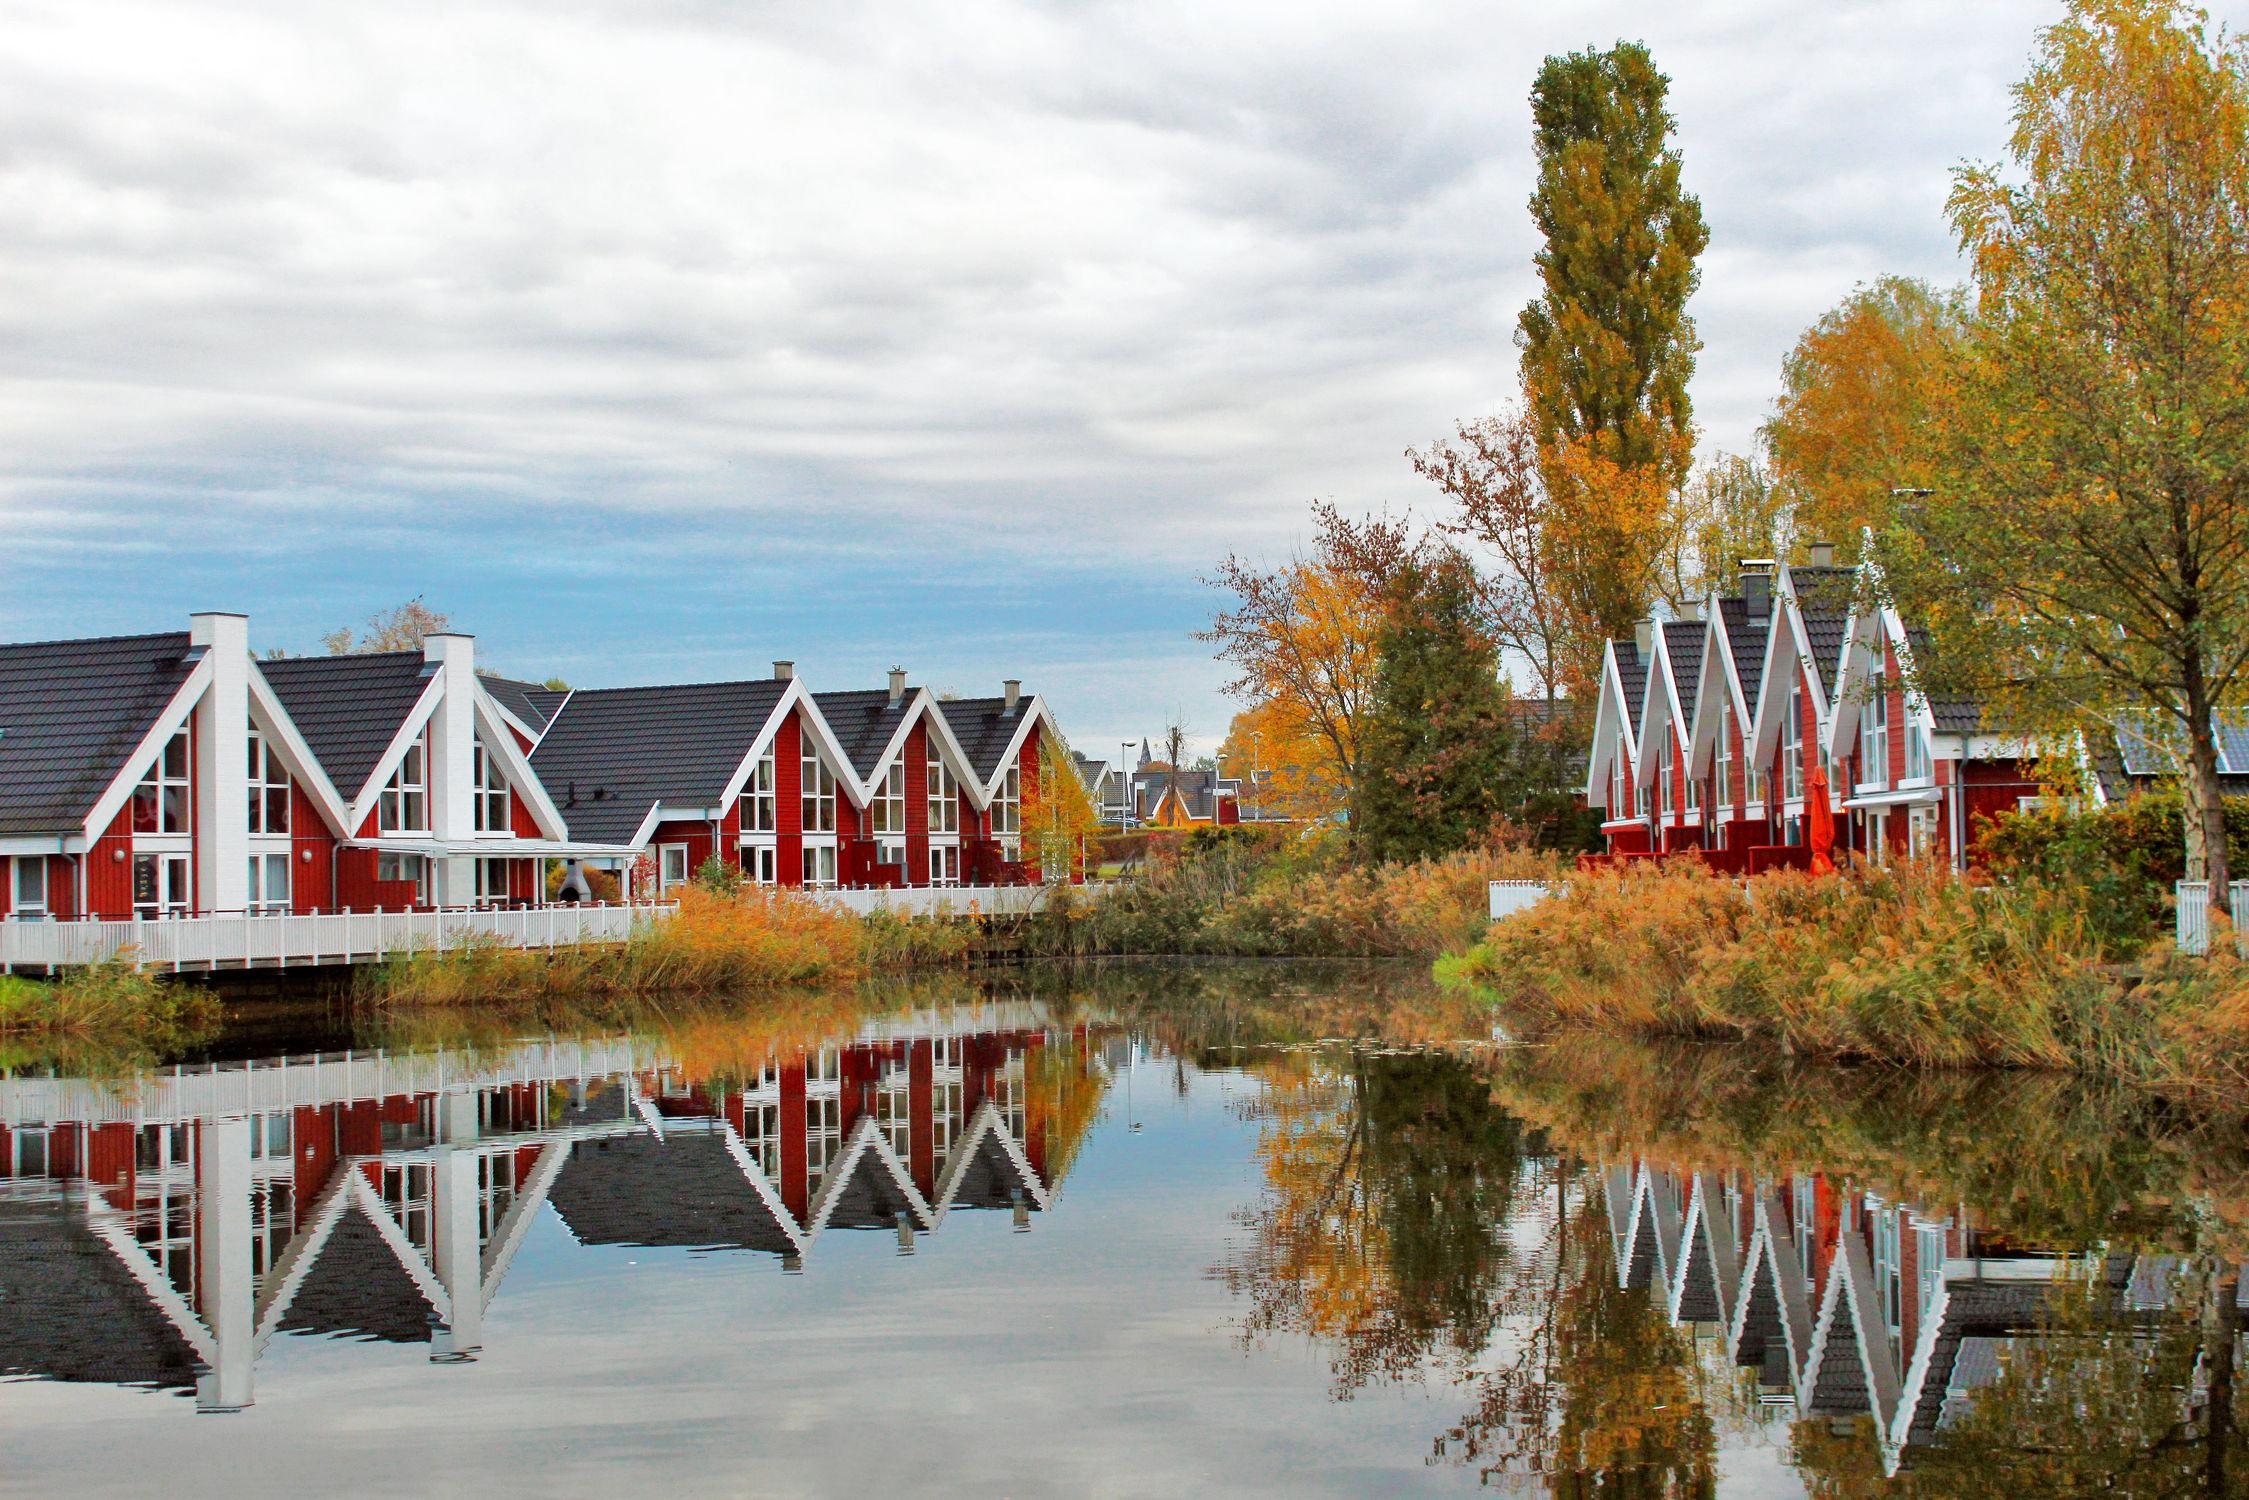 Bild mit Gewässer, Häuser, Häfen, Haus, Seeblick, See, Seelandschaft, Scharmützelsee, Haus am See, Spiegelung, Reihenhaus, Reihenhäuser